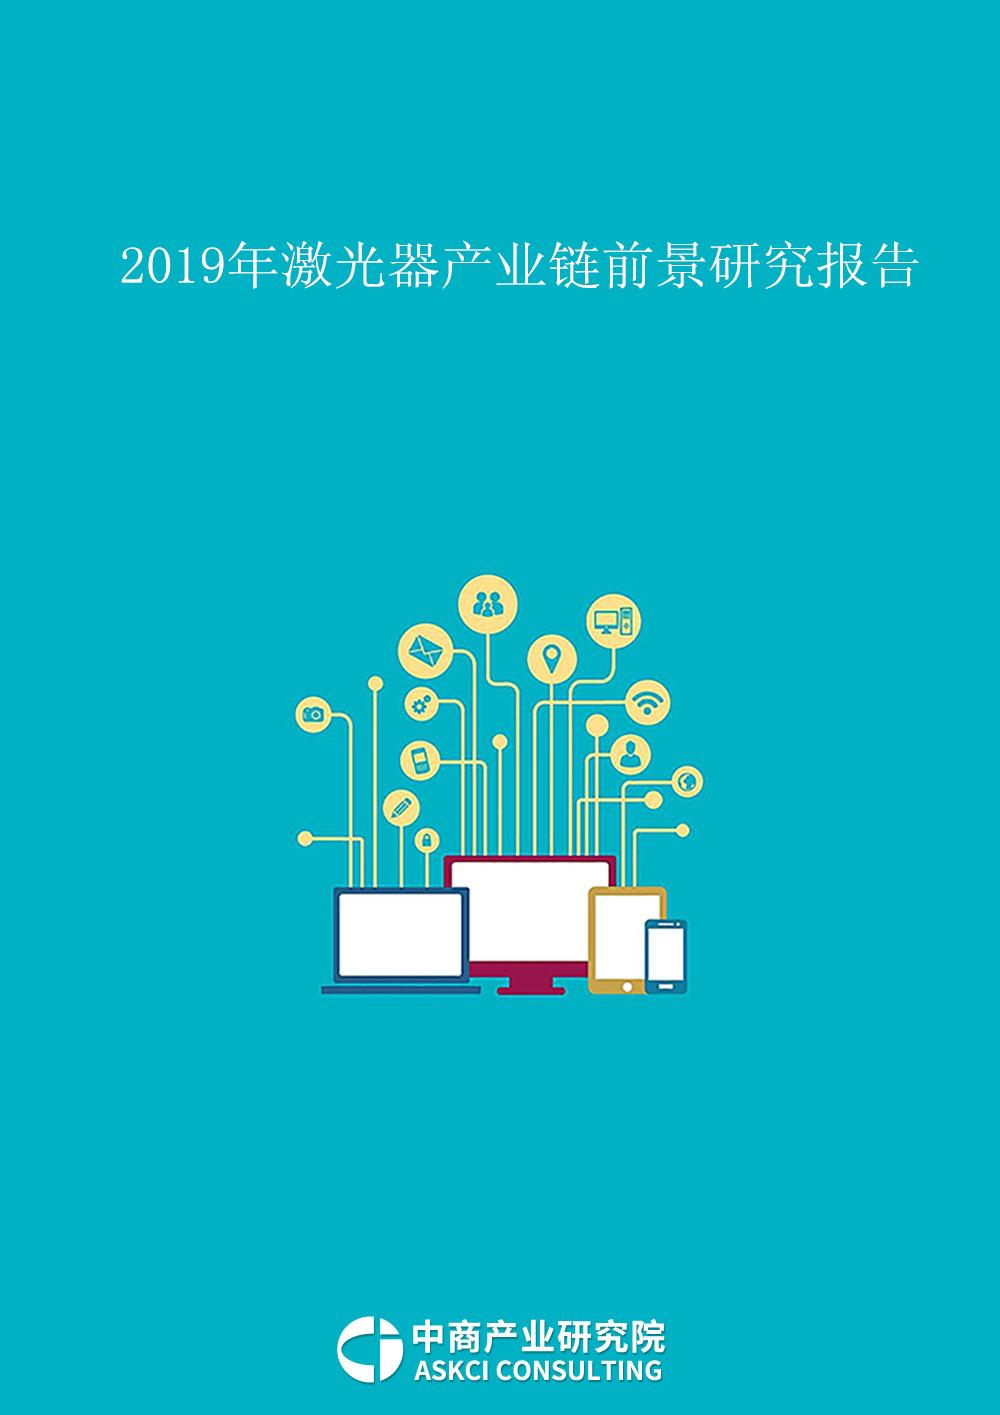 2019年激光器产业链前景研究报告